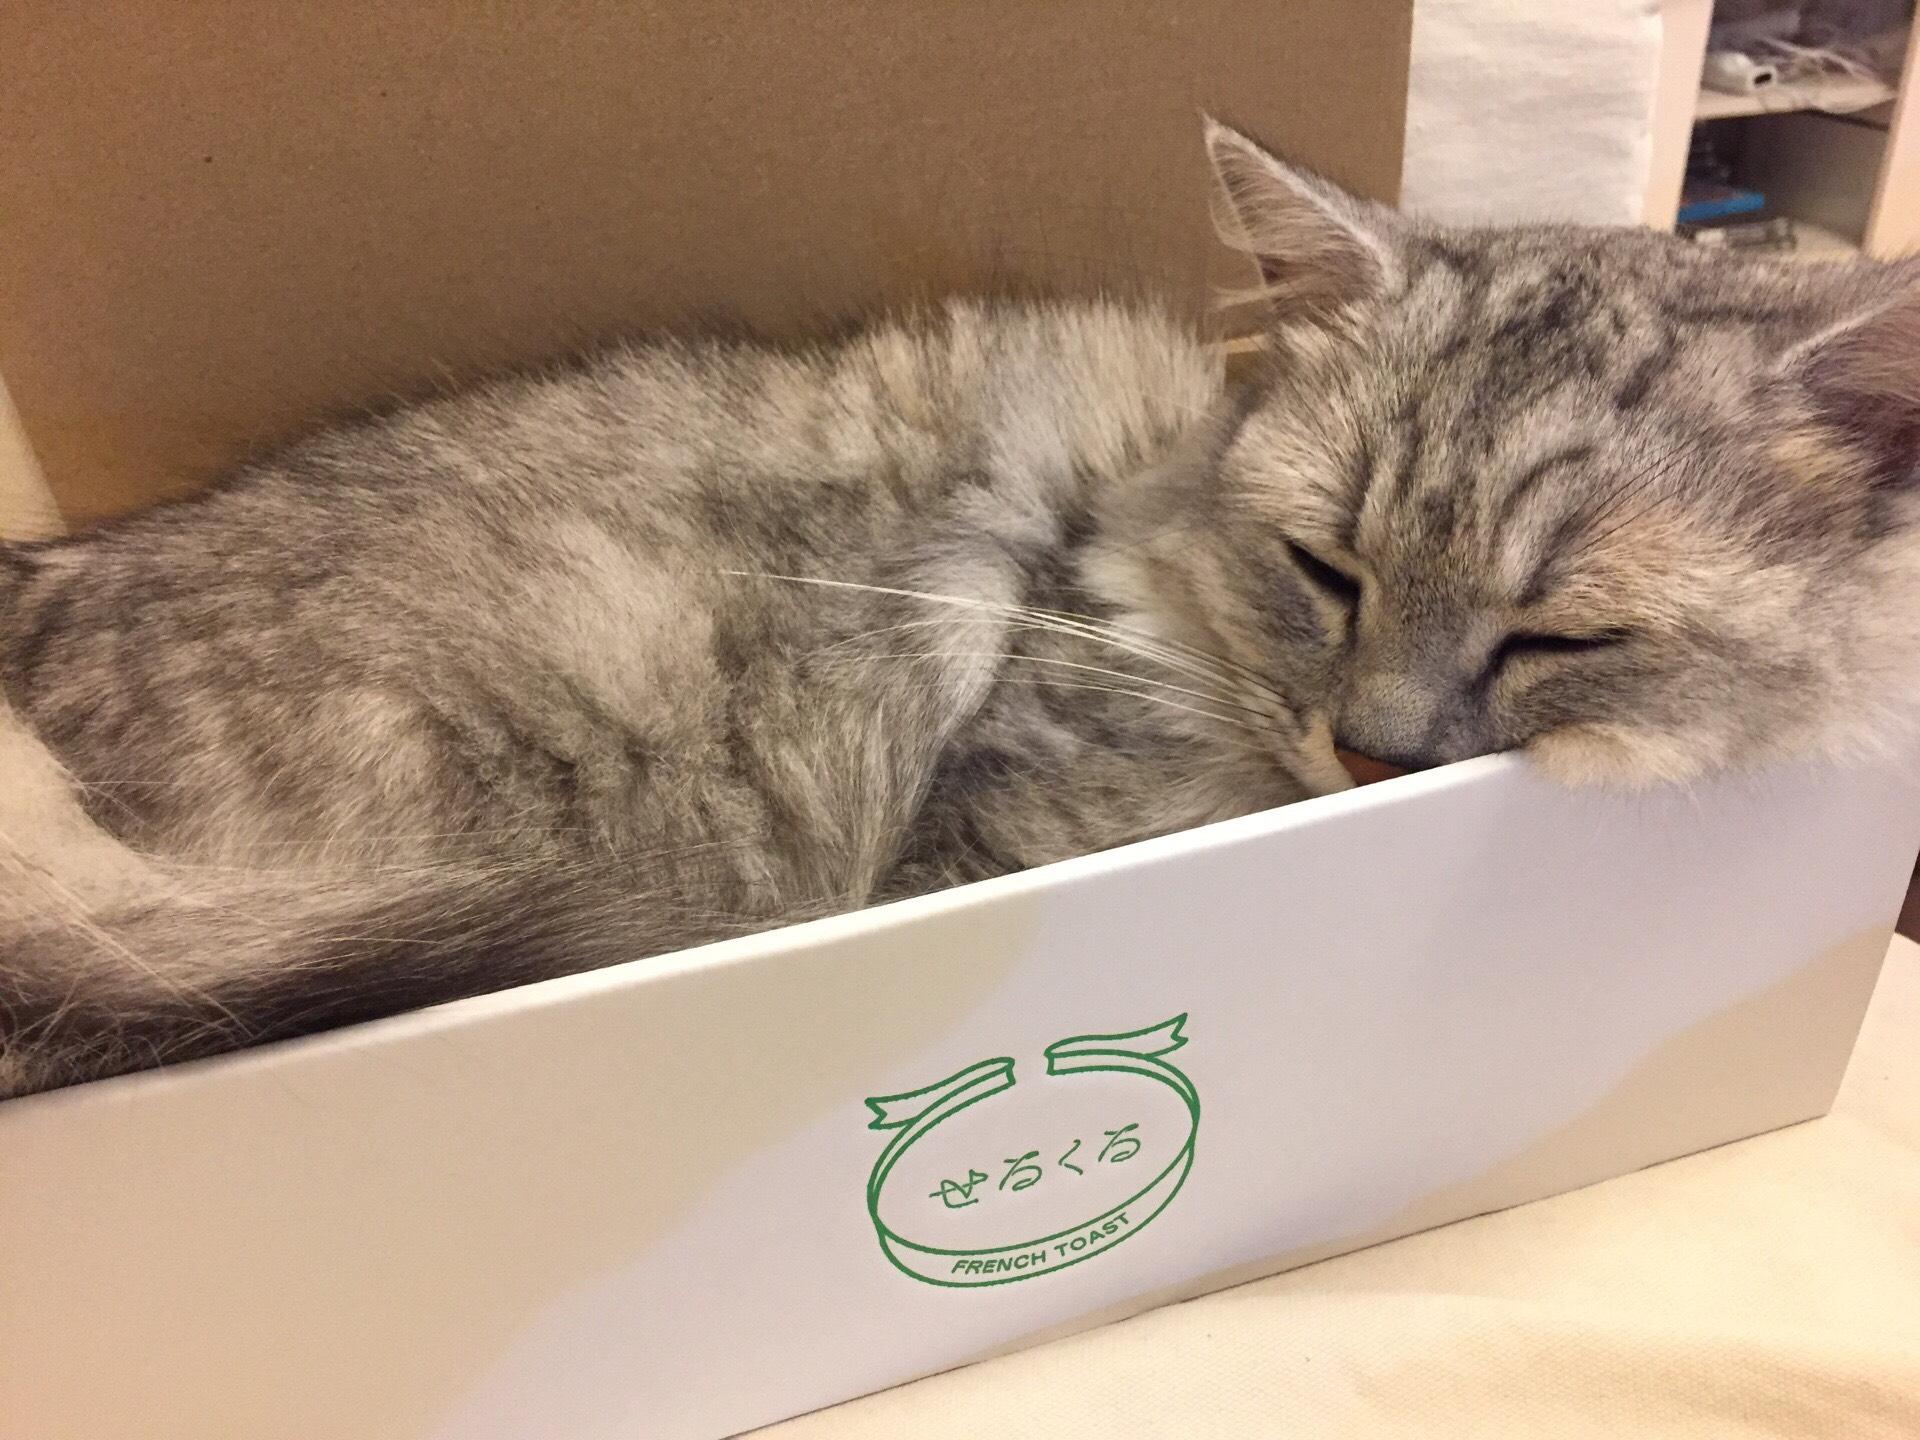 ギフトボックス フレンチトースト 猫入り